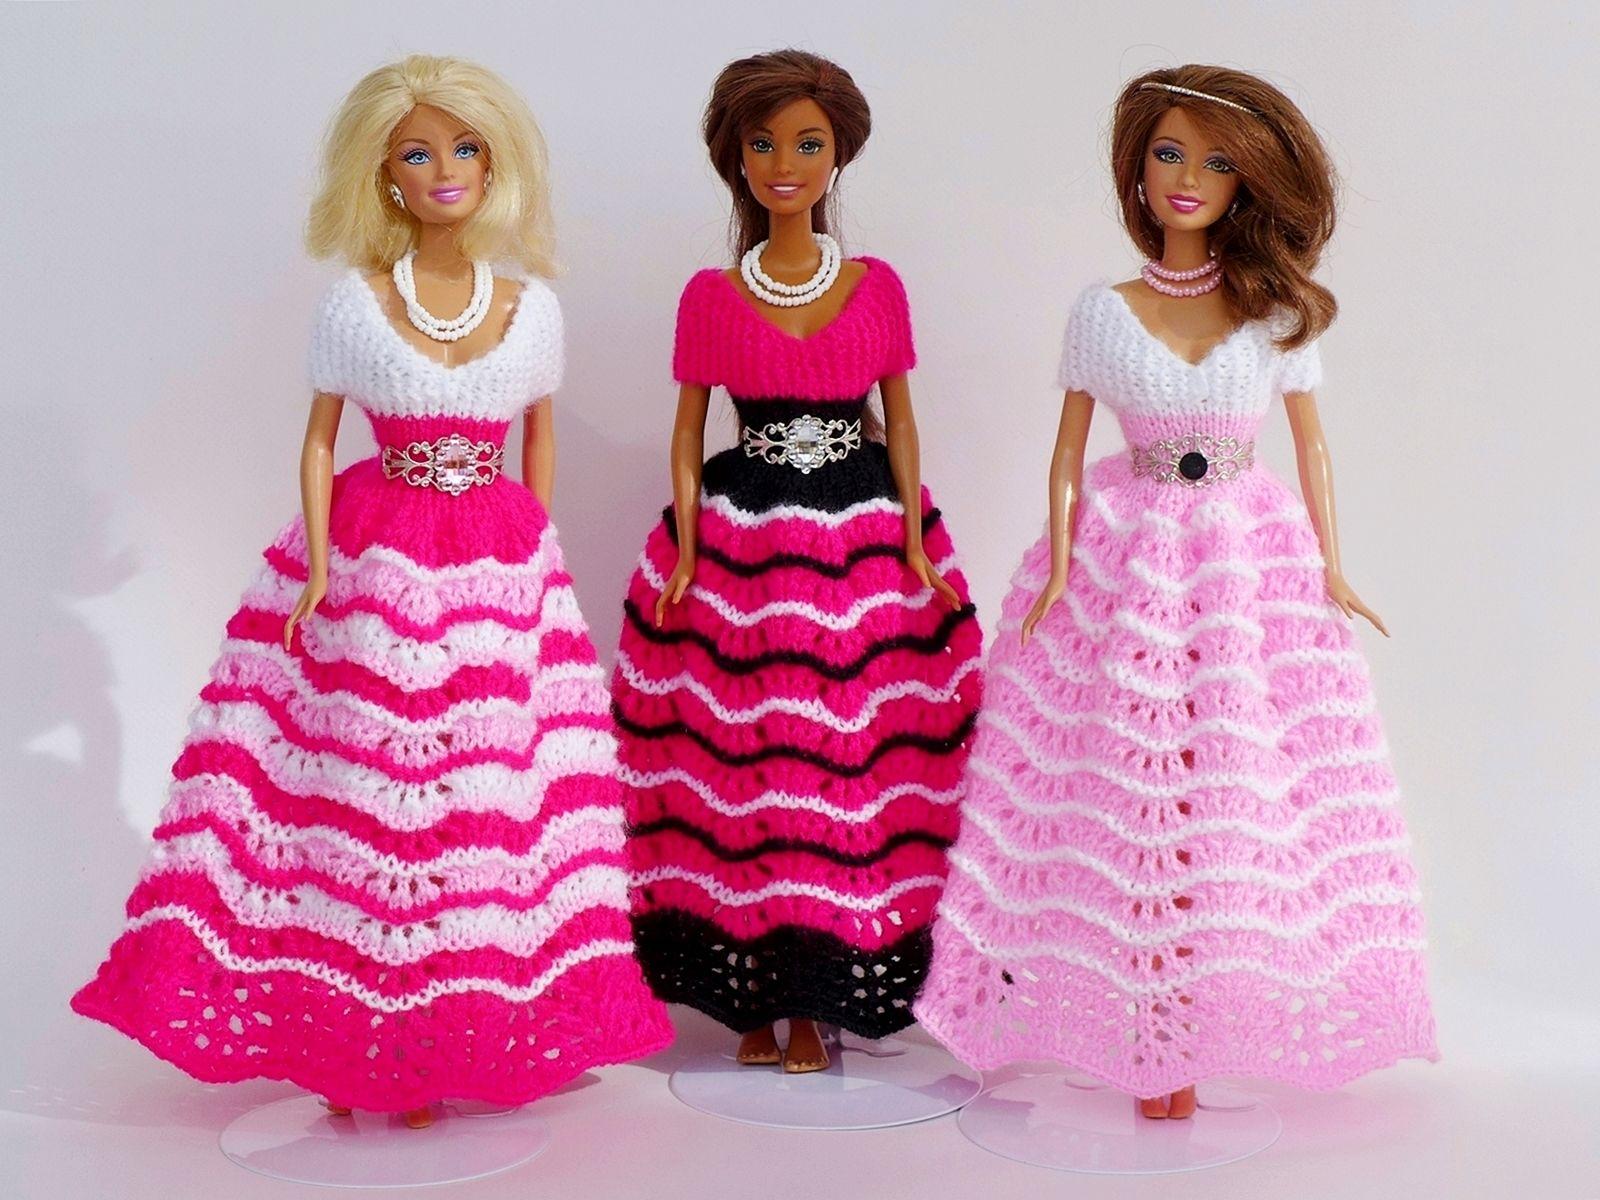 Wunderschöne selbstgestrickte Ballkleider für Barbie-Puppen u.ä ...